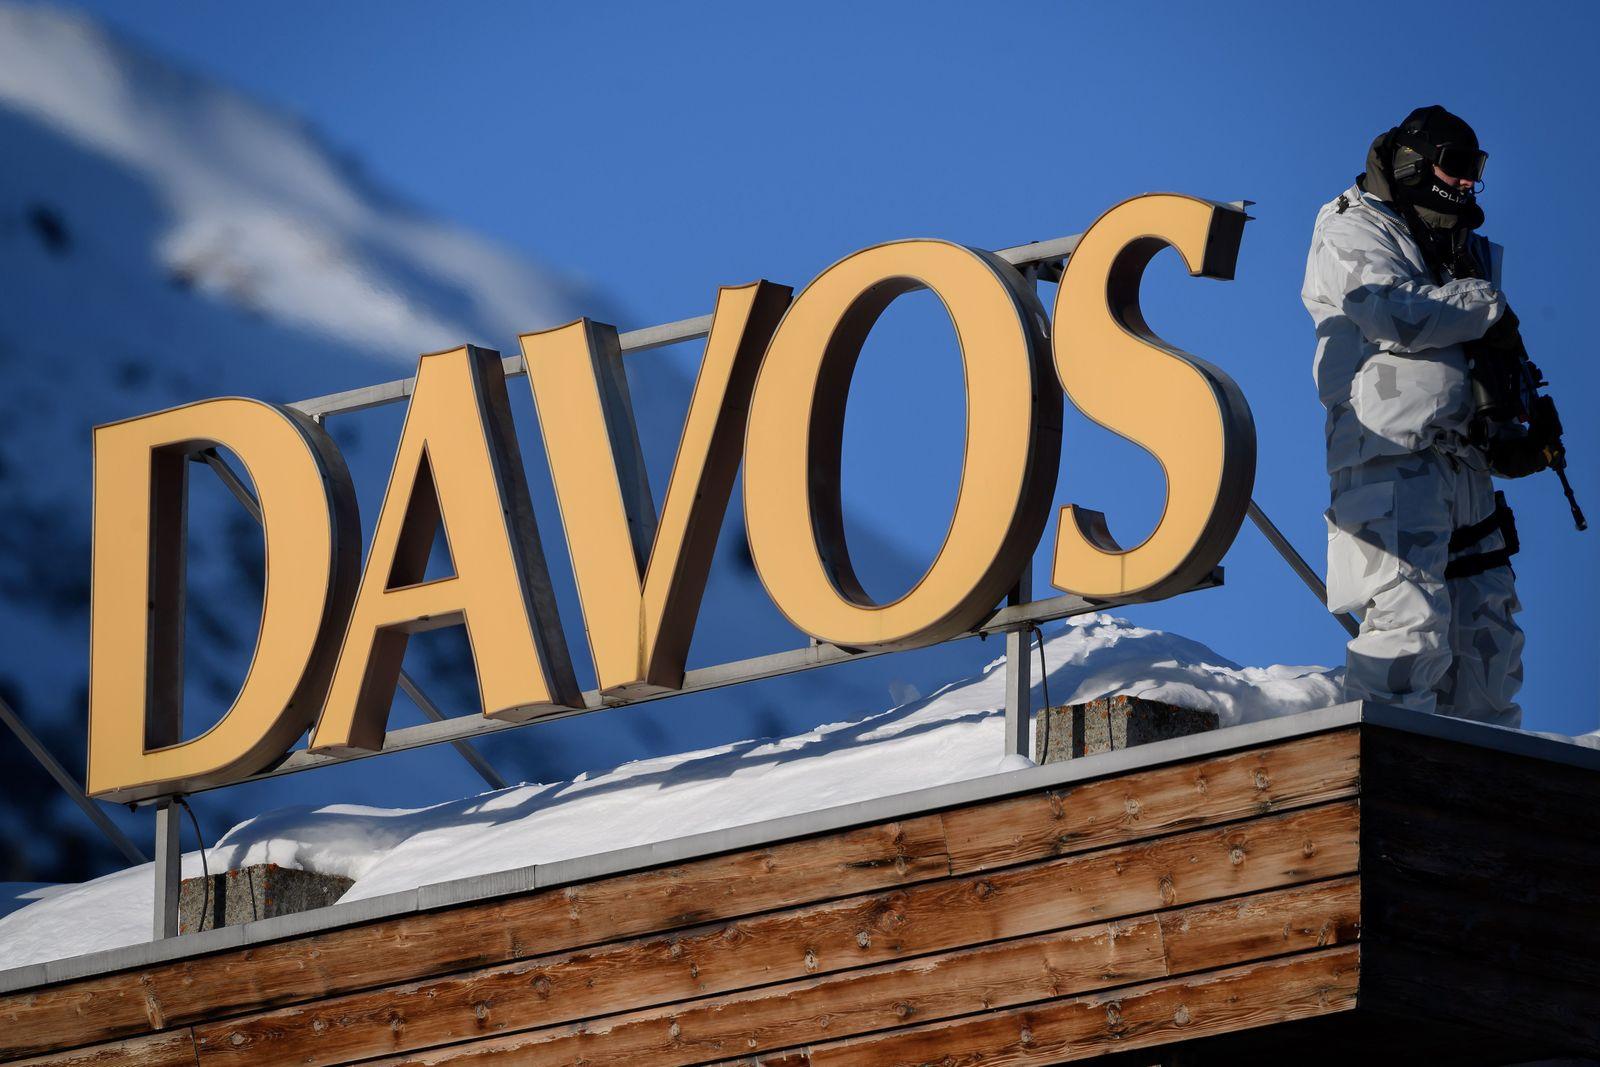 Davos / Polizei